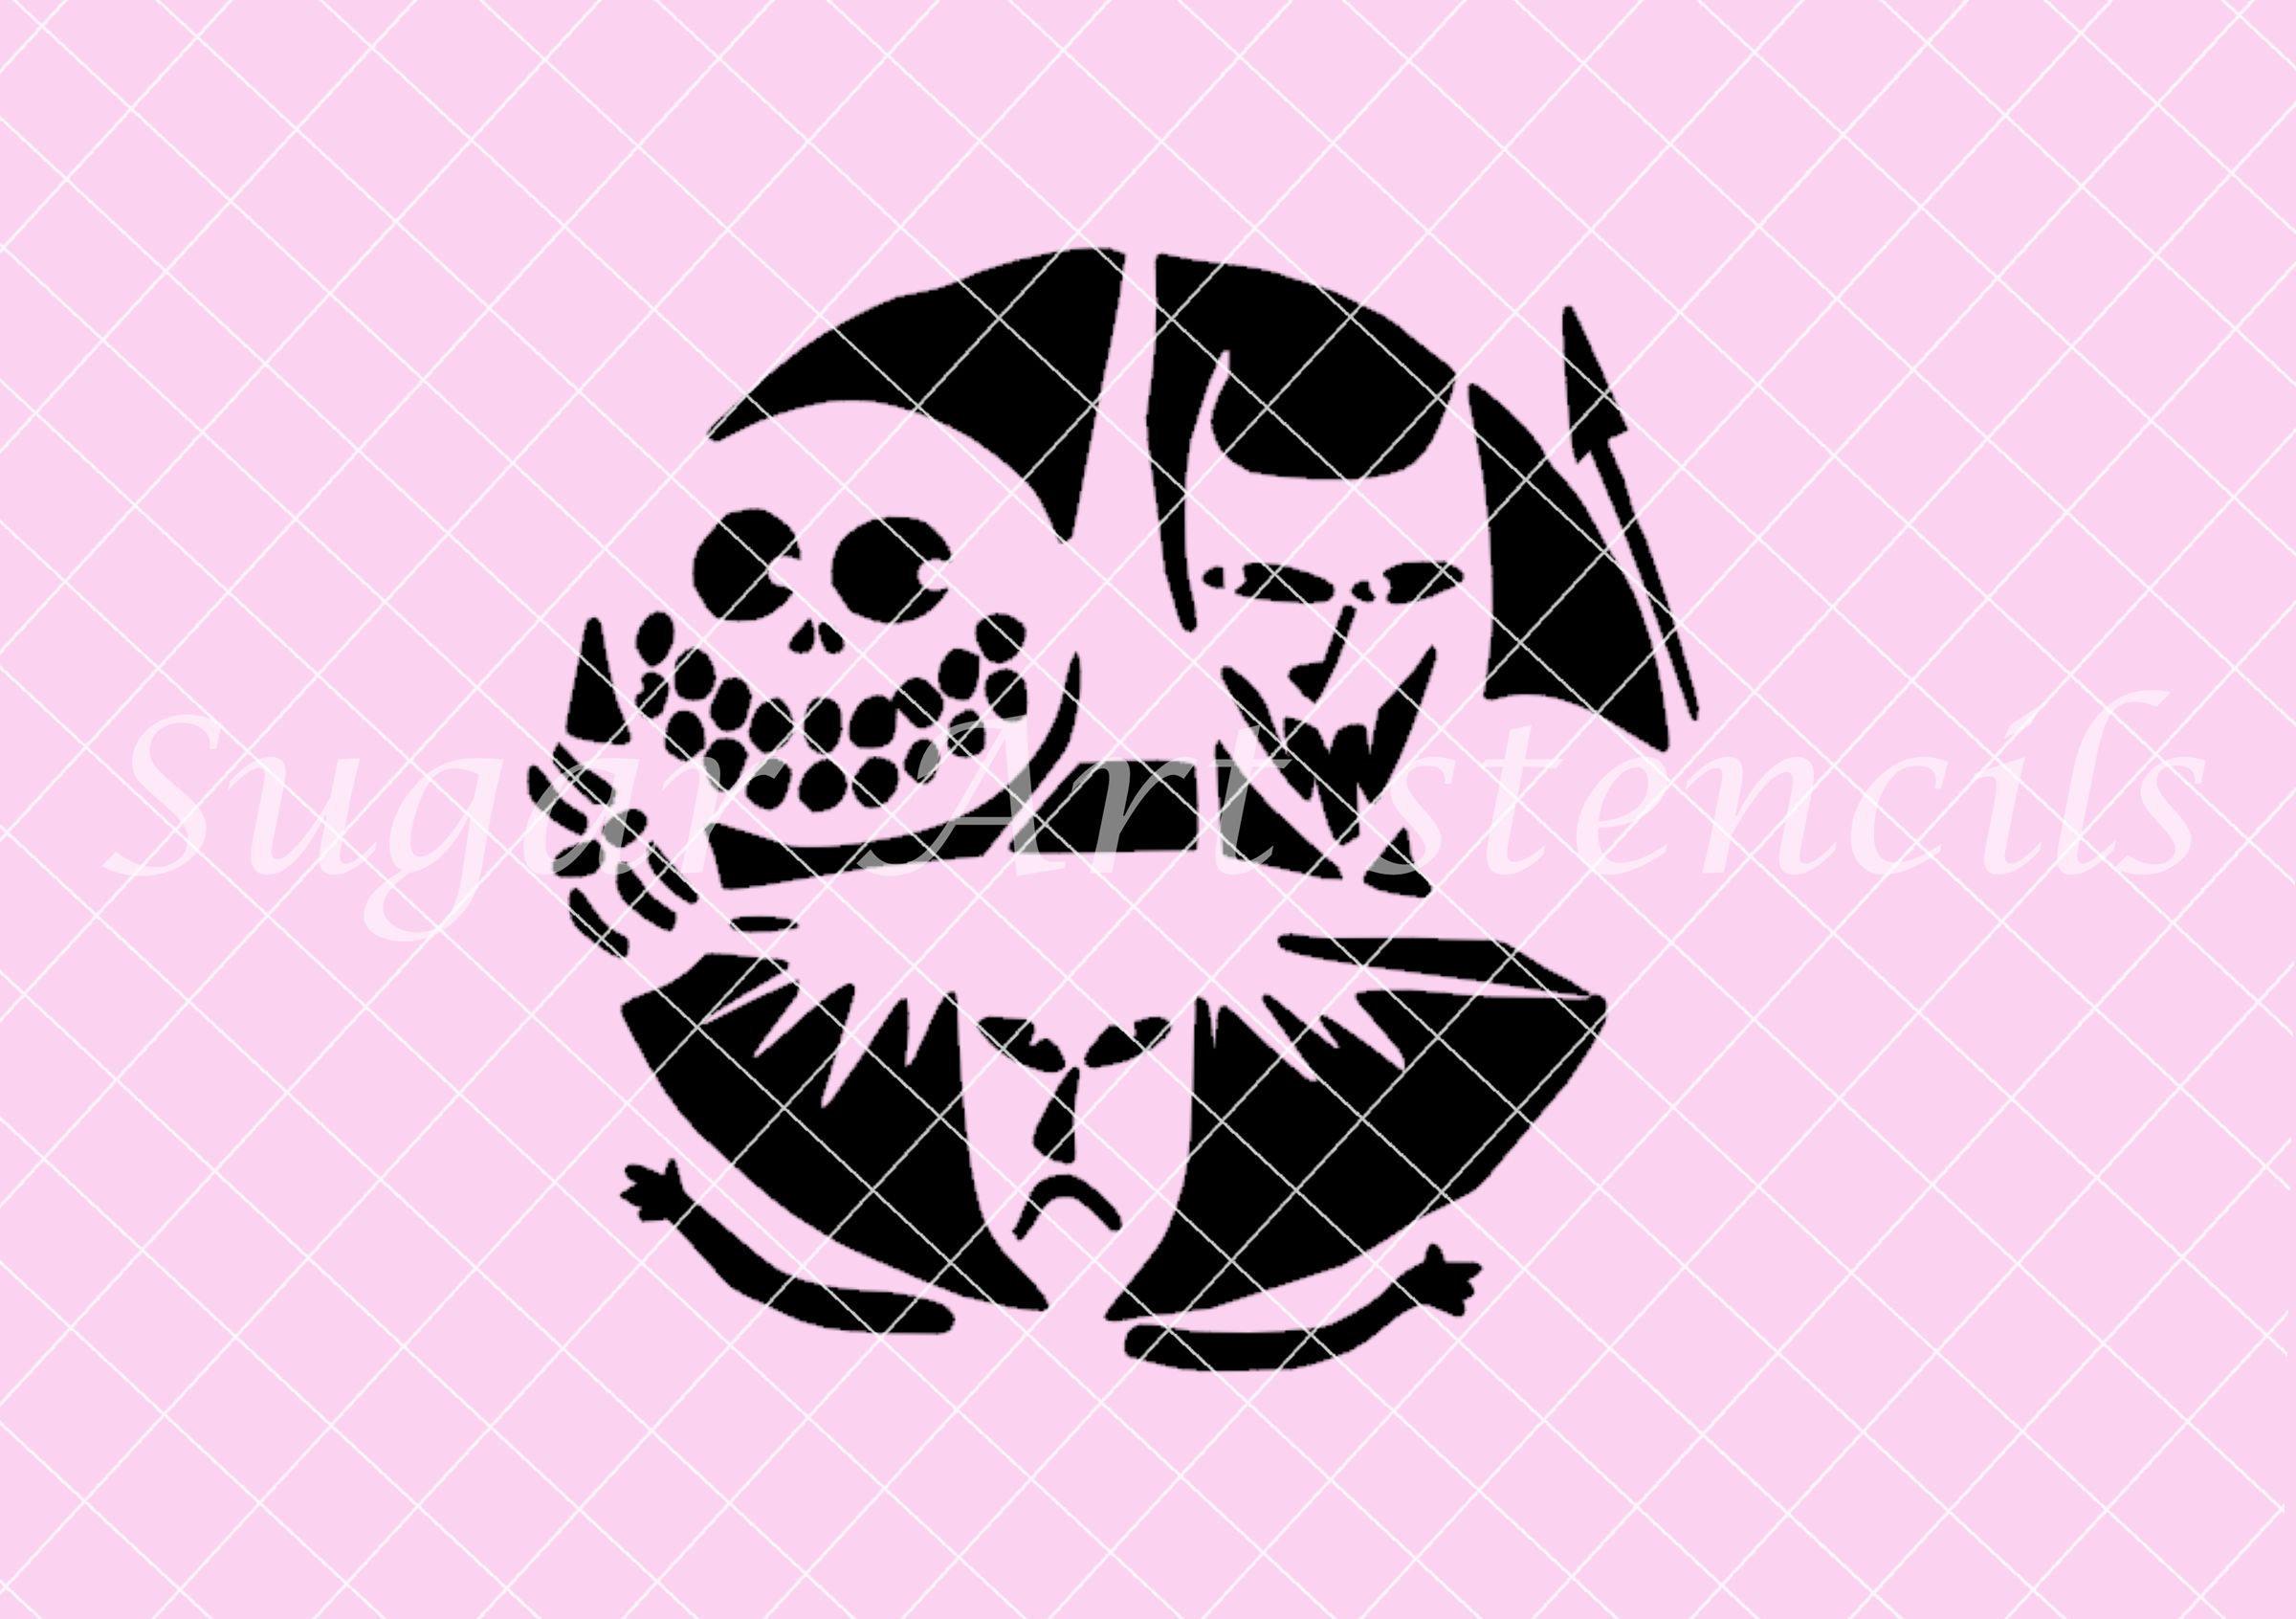 Nightmare Before Christmas Zero Pumpkin Stencils 16304 | LOADTVE